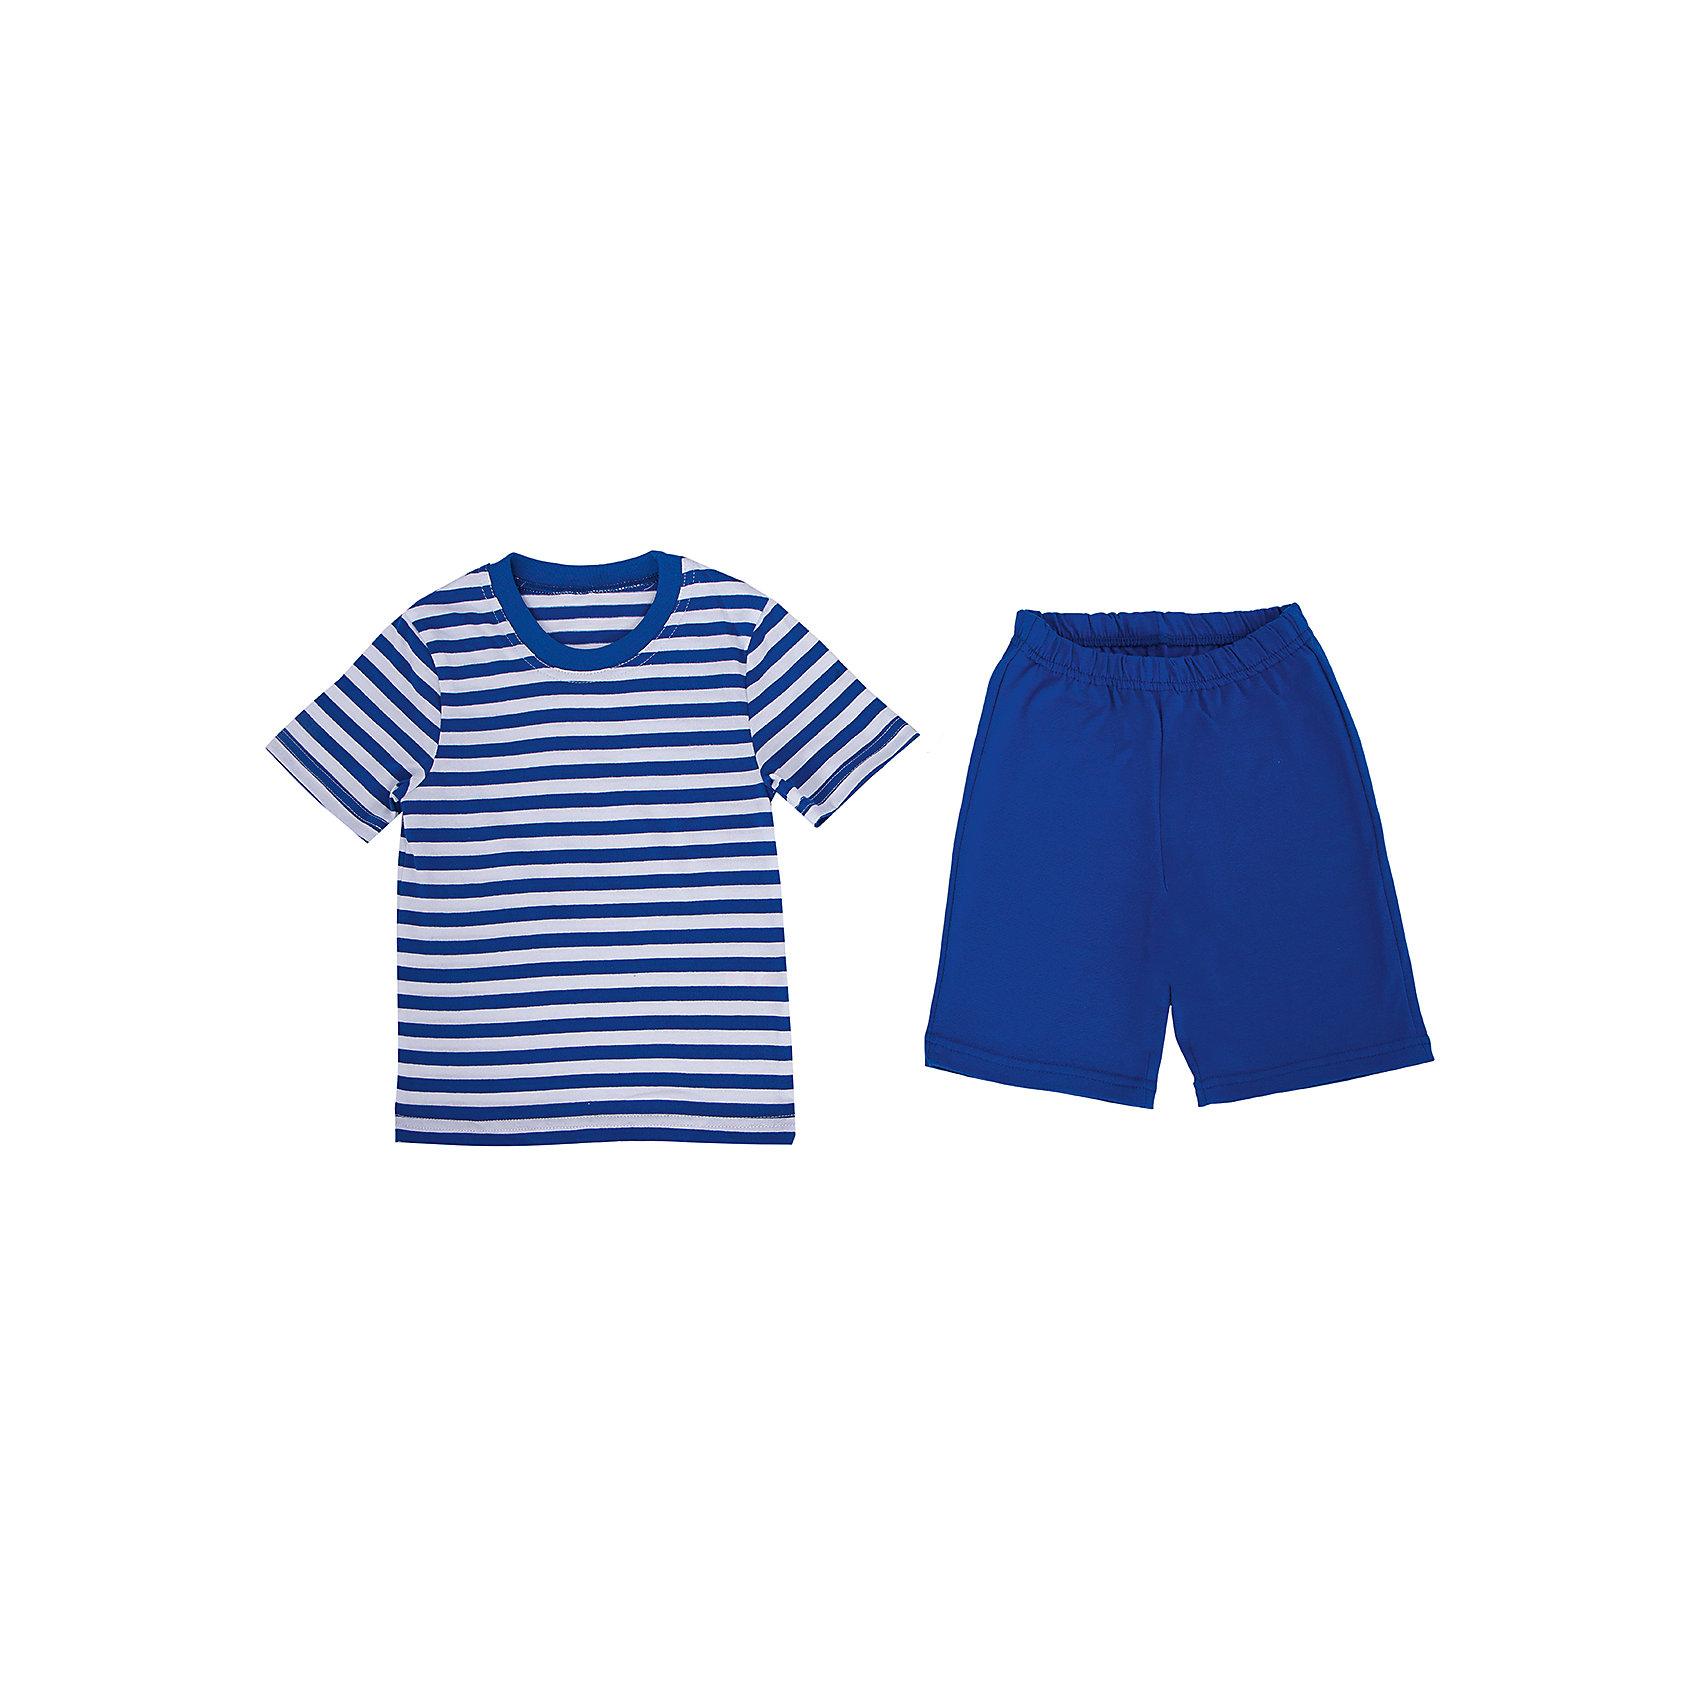 Пижама для мальчика АпрельПижамы и сорочки<br>Пижама для мальчика от известного бренда Апрель.<br><br>Состав:<br>хлопок 100%, хлопок 95% + лайкра 5%<br><br>Ширина мм: 281<br>Глубина мм: 70<br>Высота мм: 188<br>Вес г: 295<br>Цвет: синий<br>Возраст от месяцев: 60<br>Возраст до месяцев: 72<br>Пол: Мужской<br>Возраст: Детский<br>Размер: 116,92,98,104,110<br>SKU: 4768105